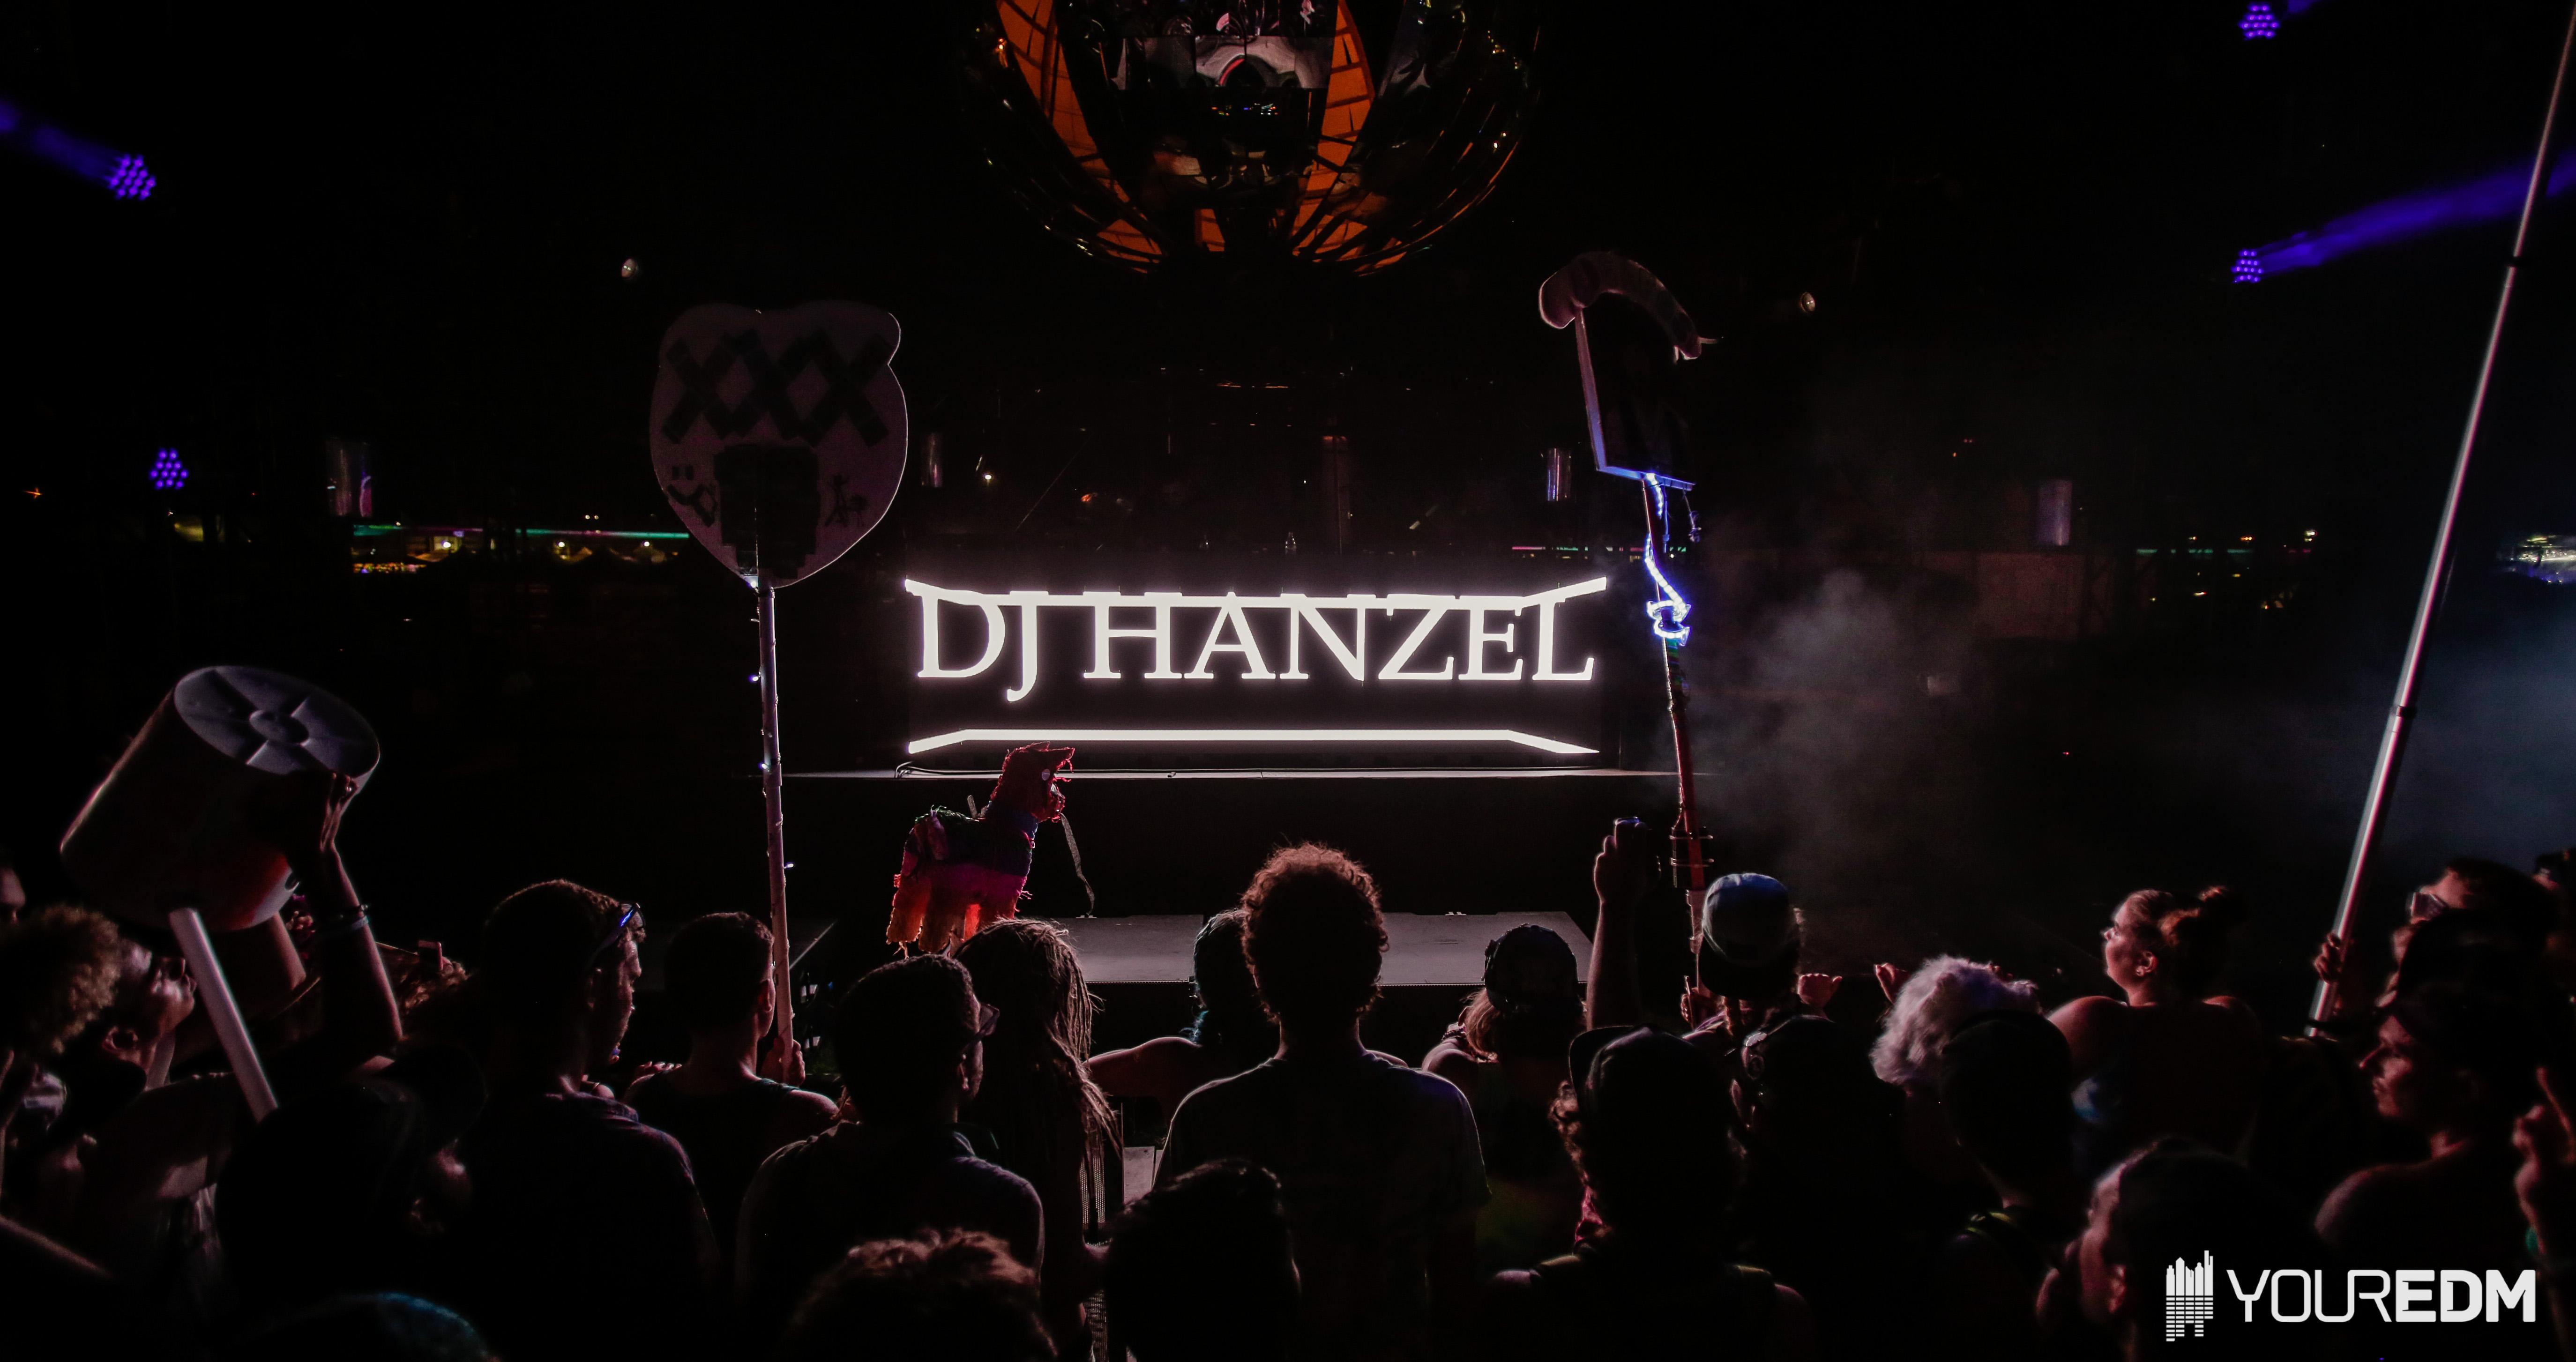 DJ Hanzel Imagine